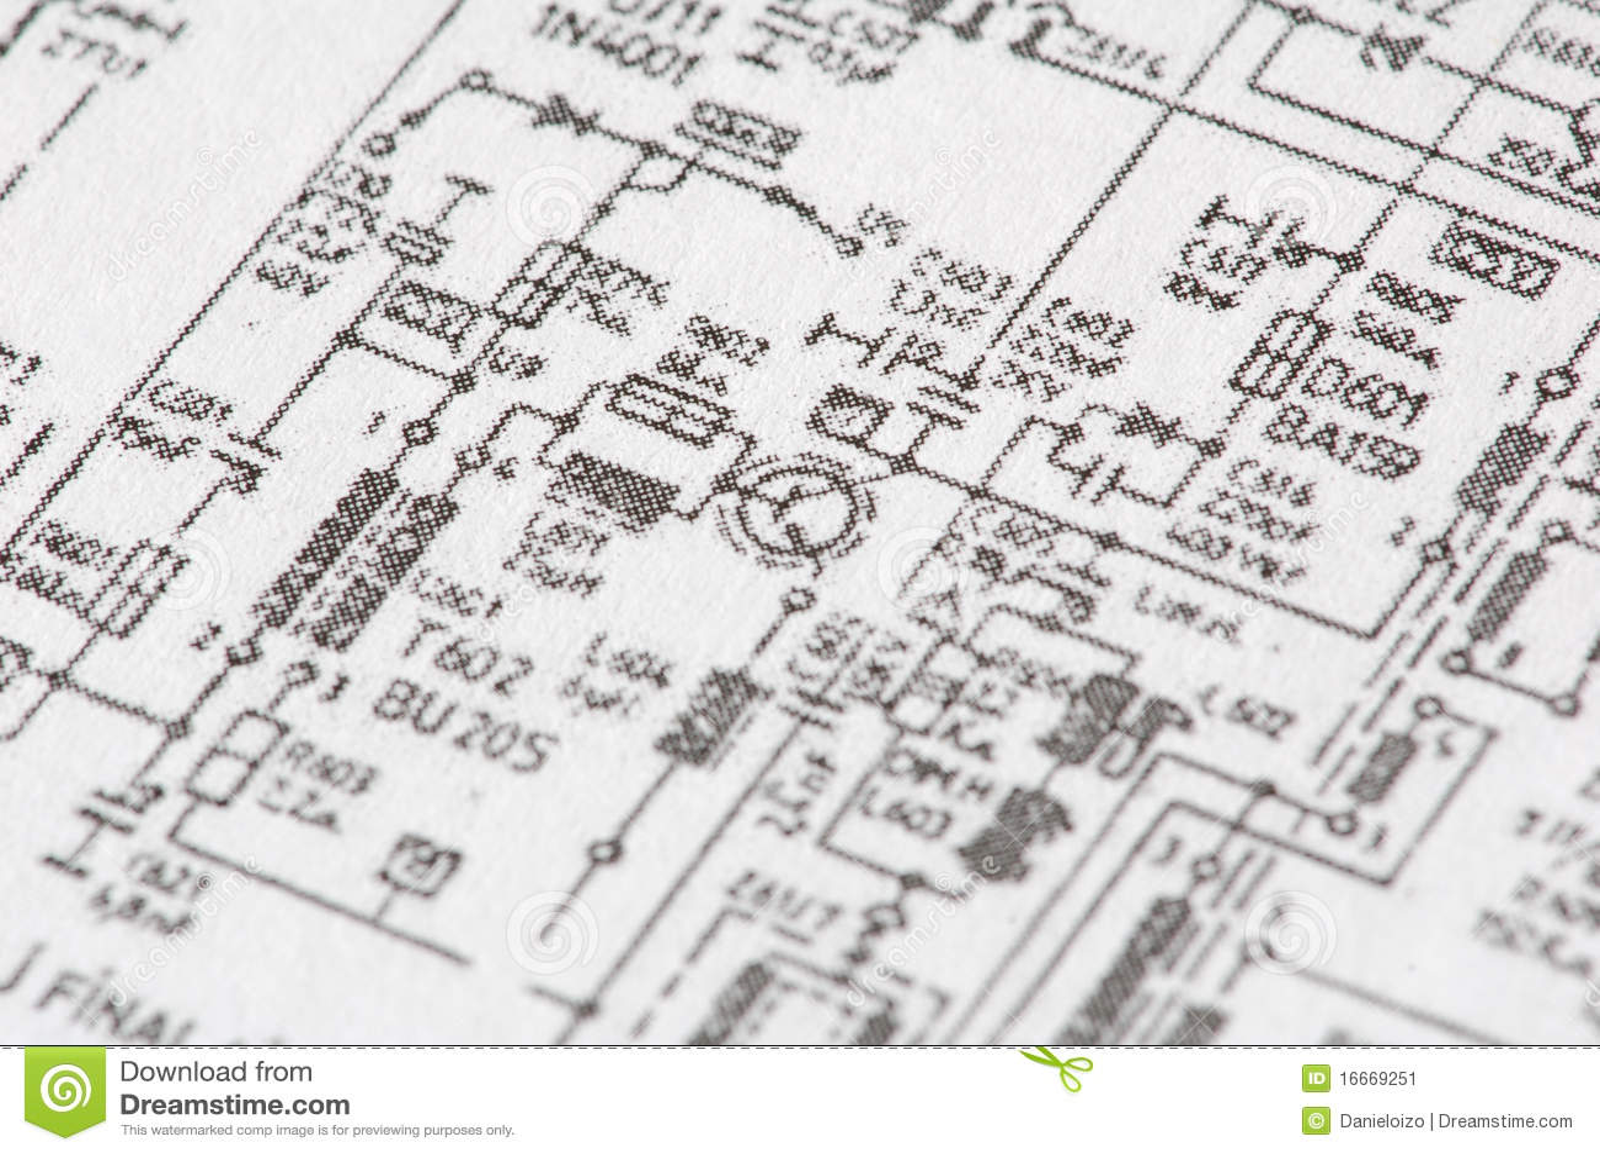 Circuito Logico : Circuito integrado logico sn